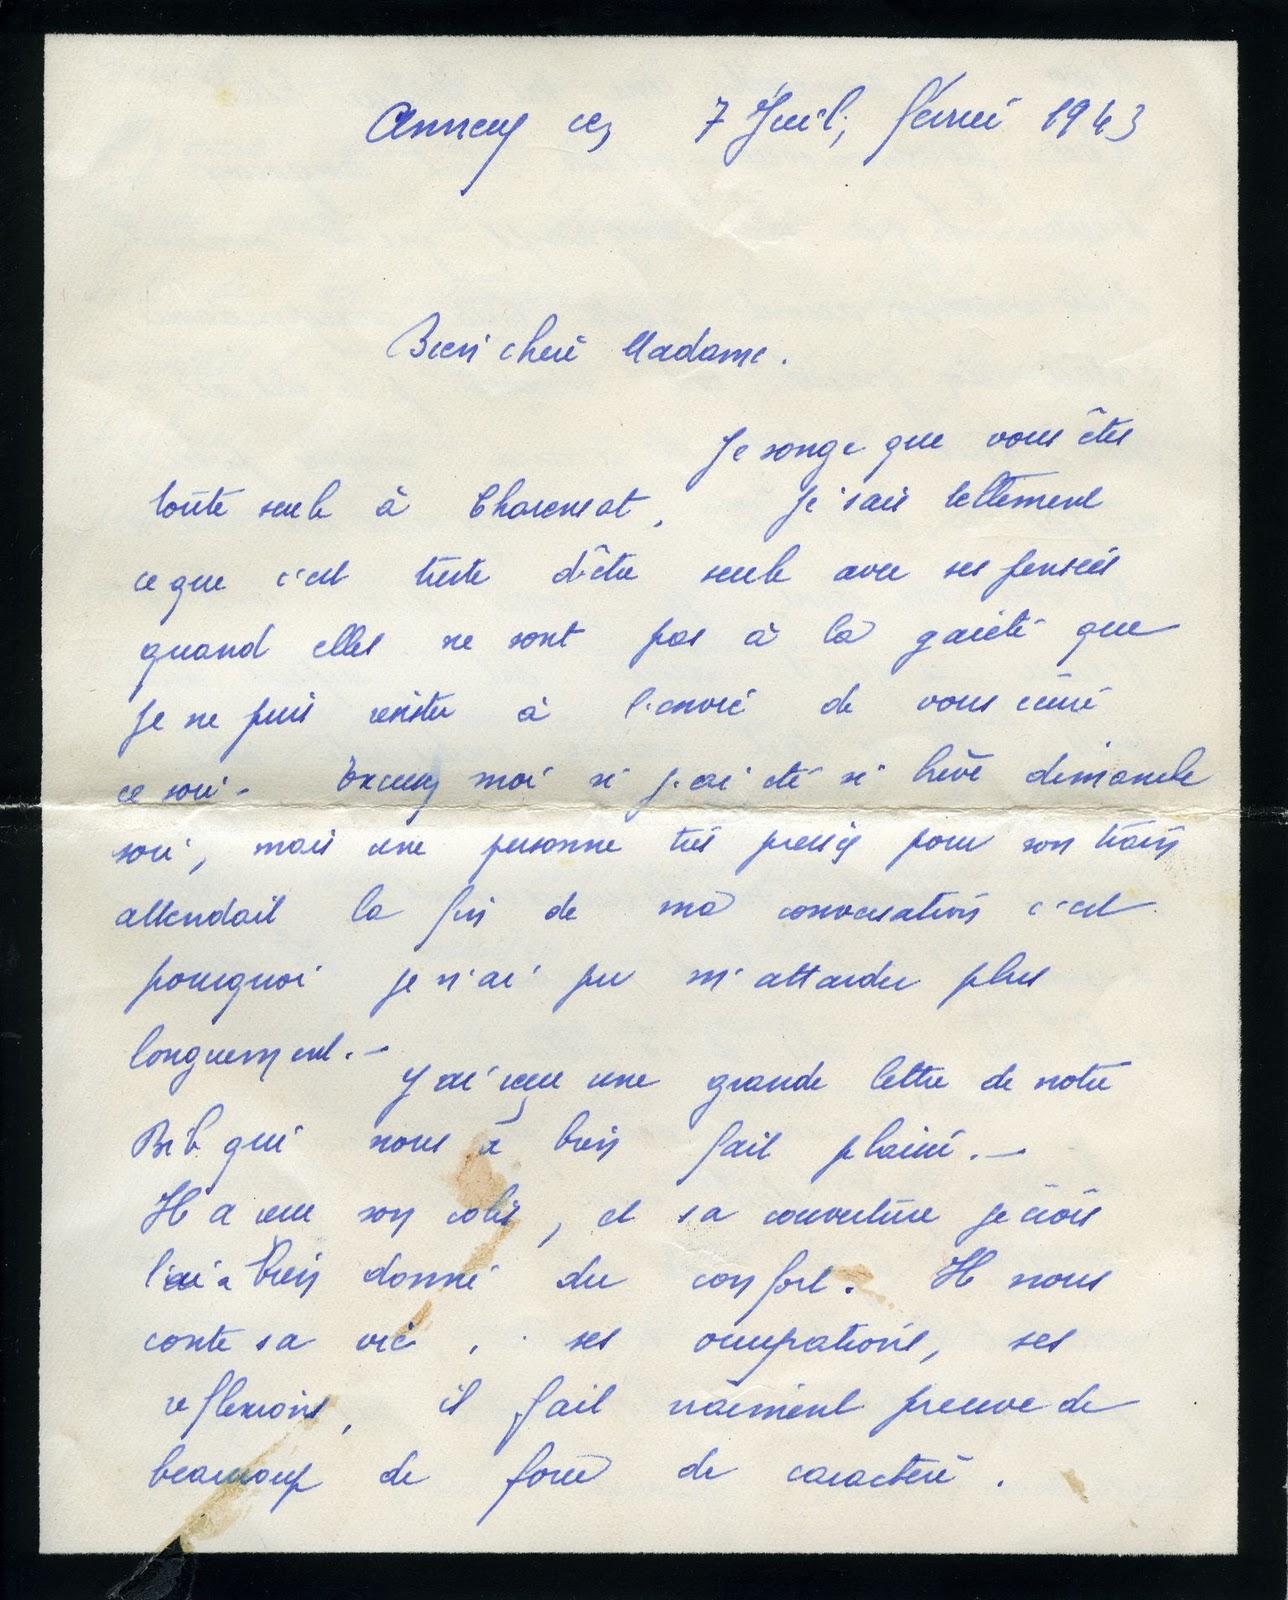 exemple de lettre pour un prisonnier Les chroniques d'André Michel Besse: octobre 2010 exemple de lettre pour un prisonnier